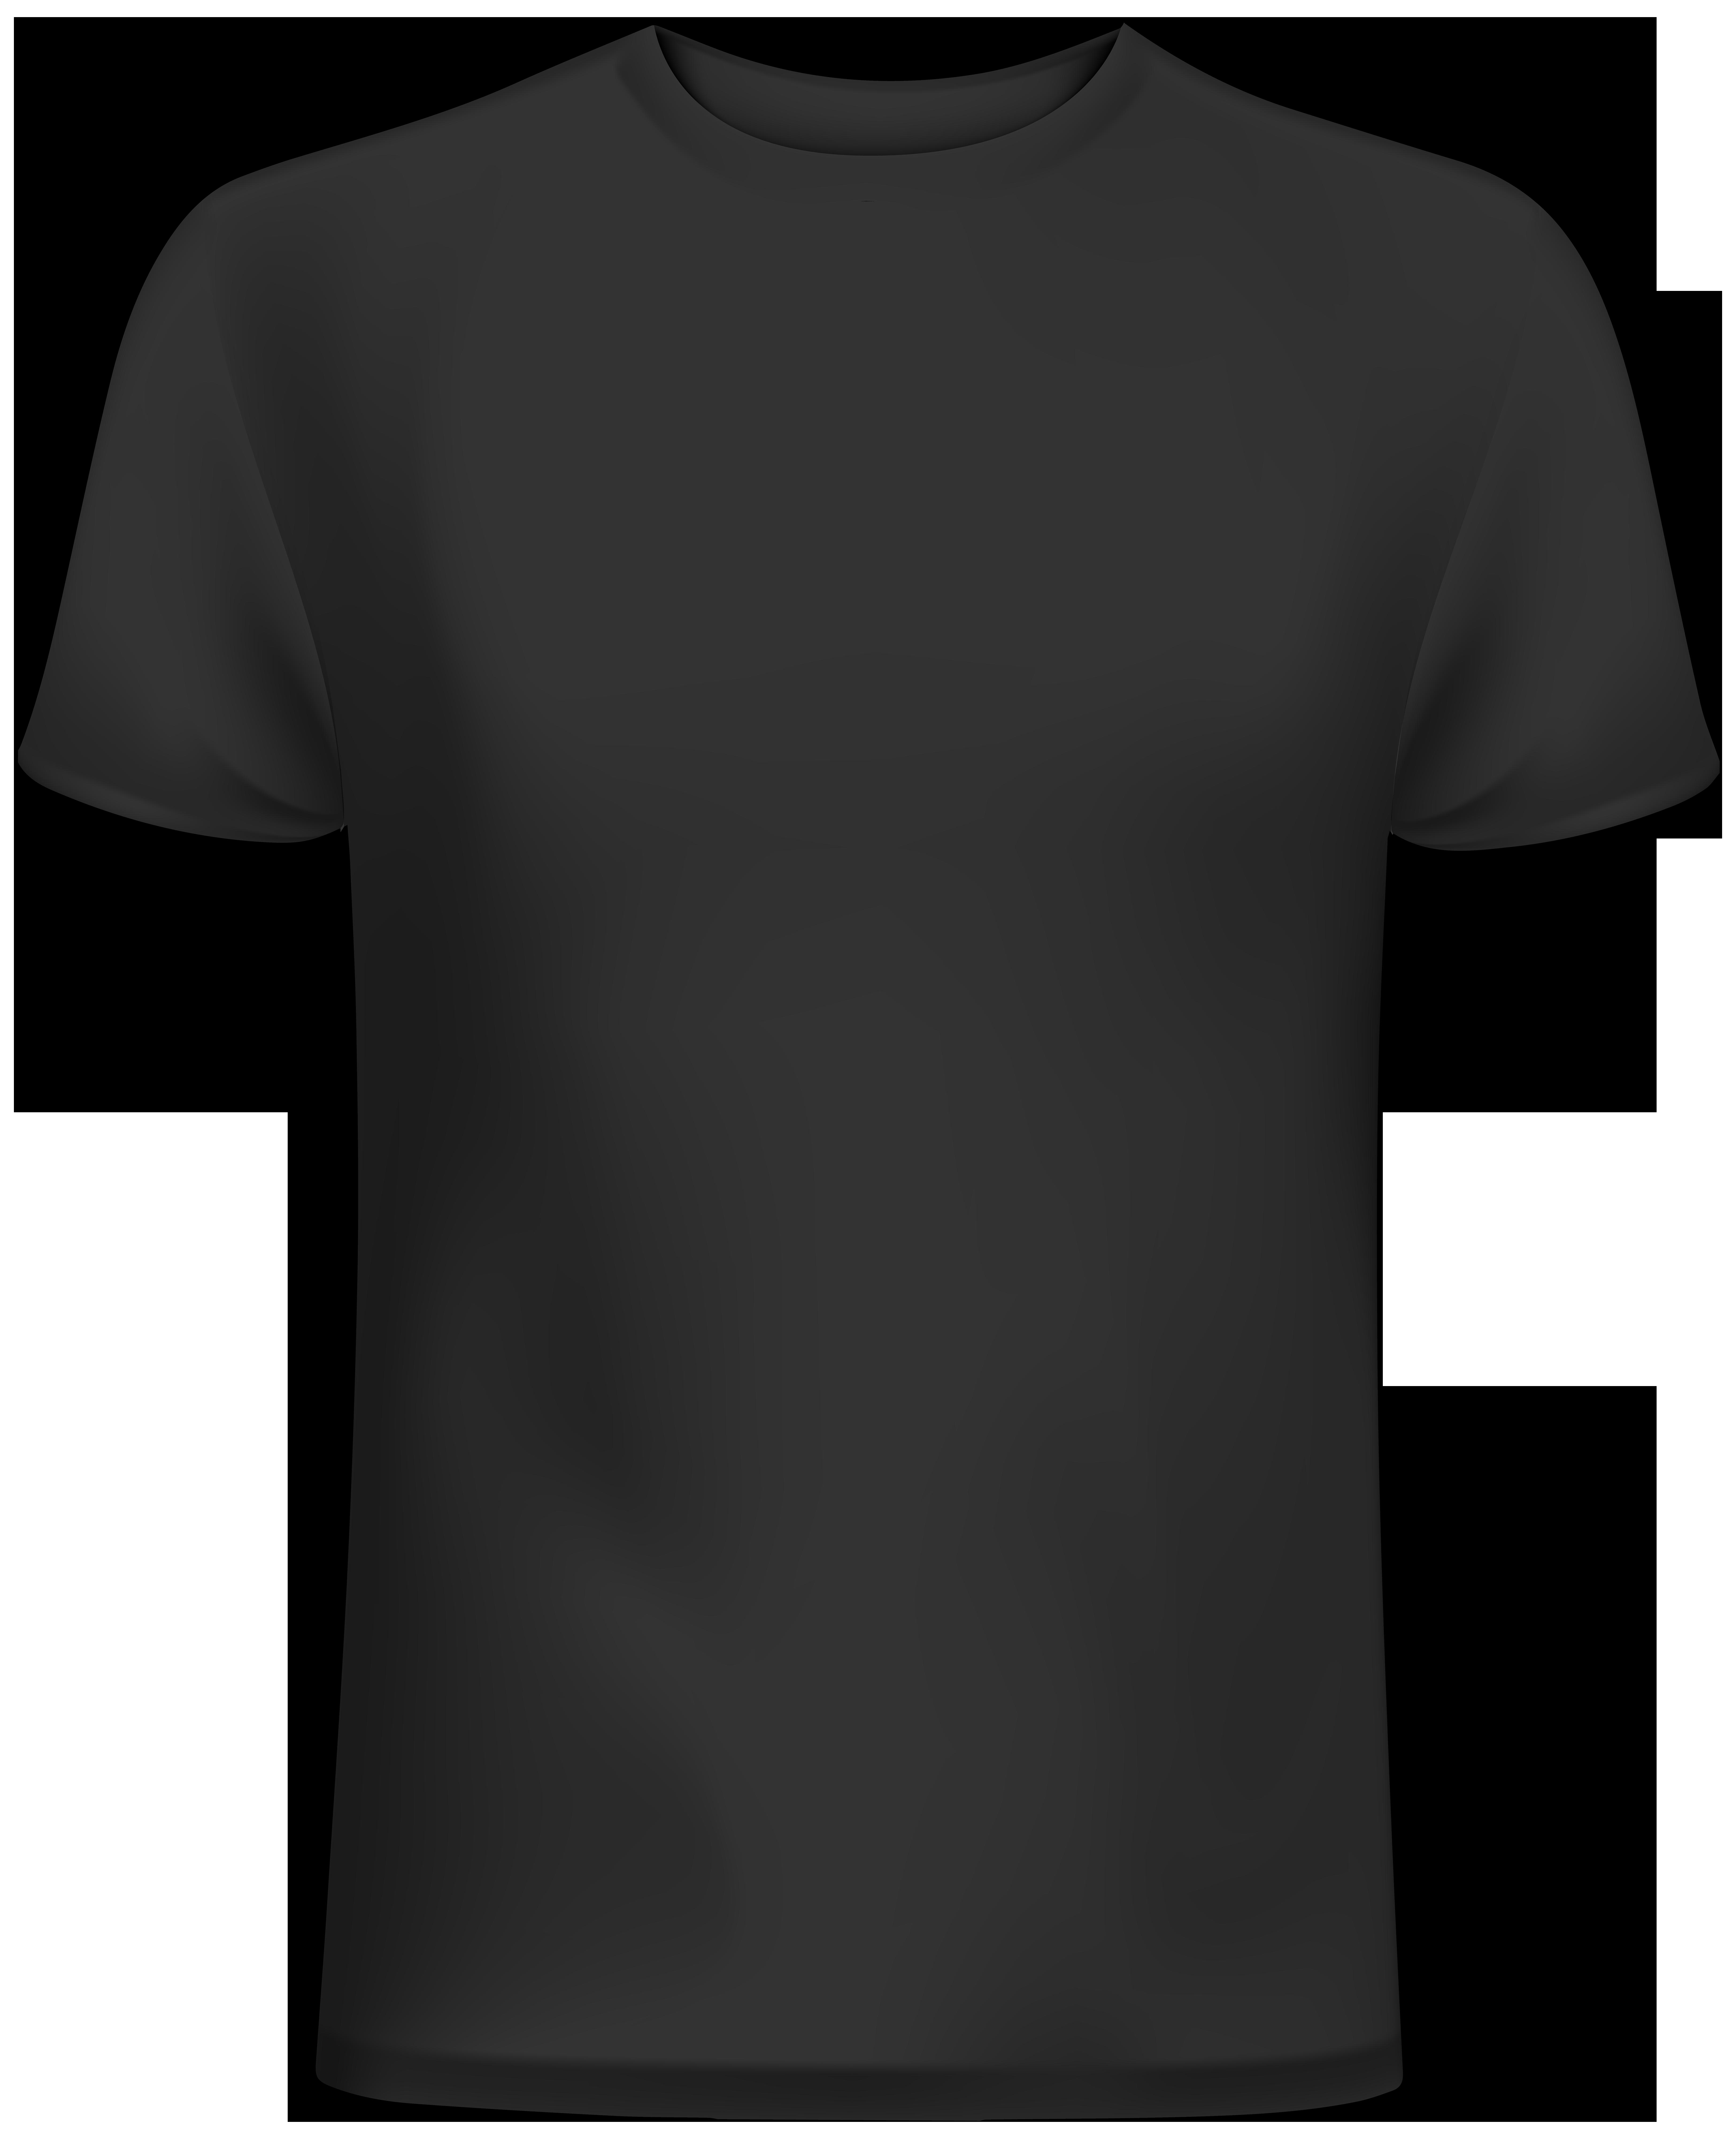 Tshirt PNG Clip Art.